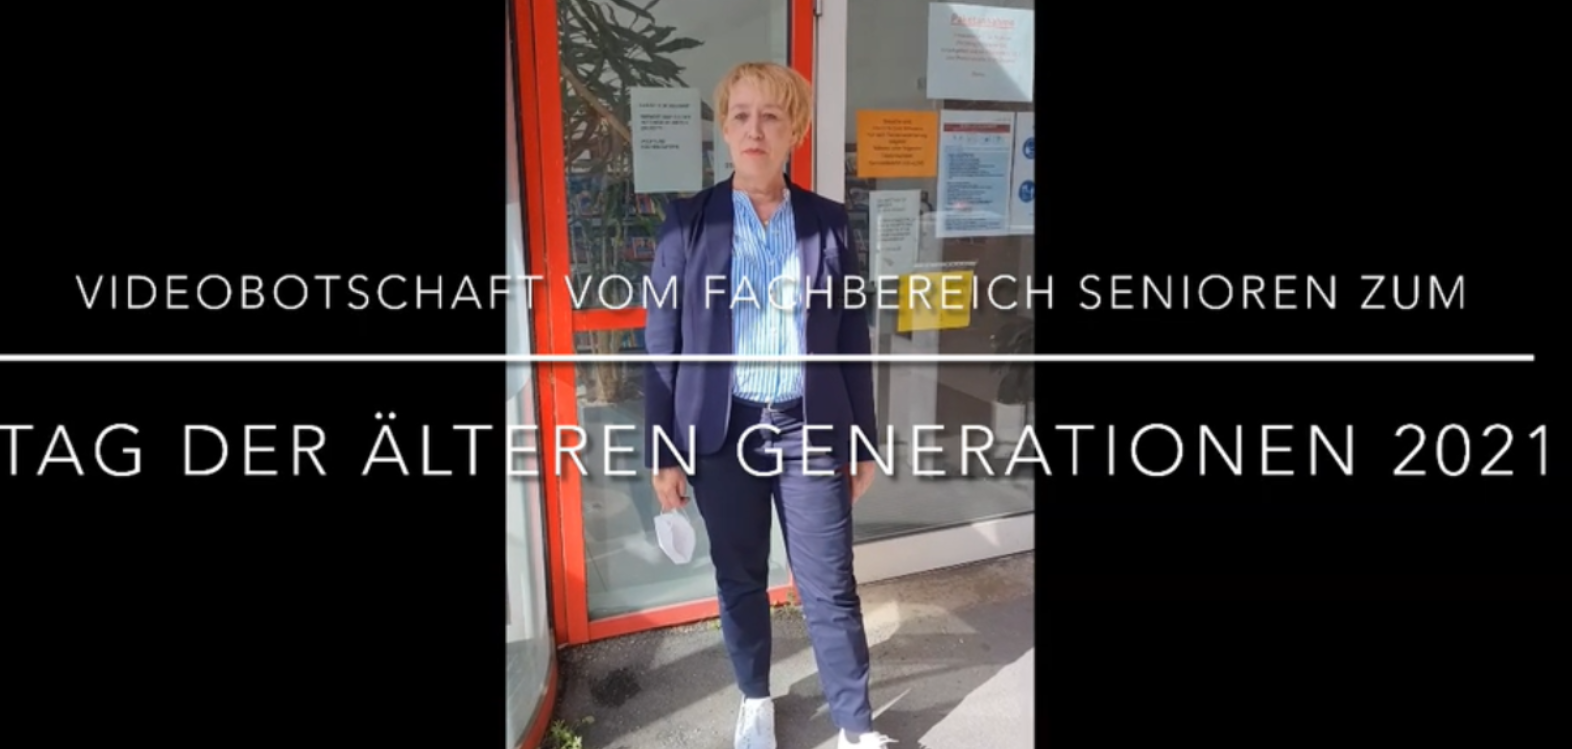 Internationaler Tag der älteren Generation 2021